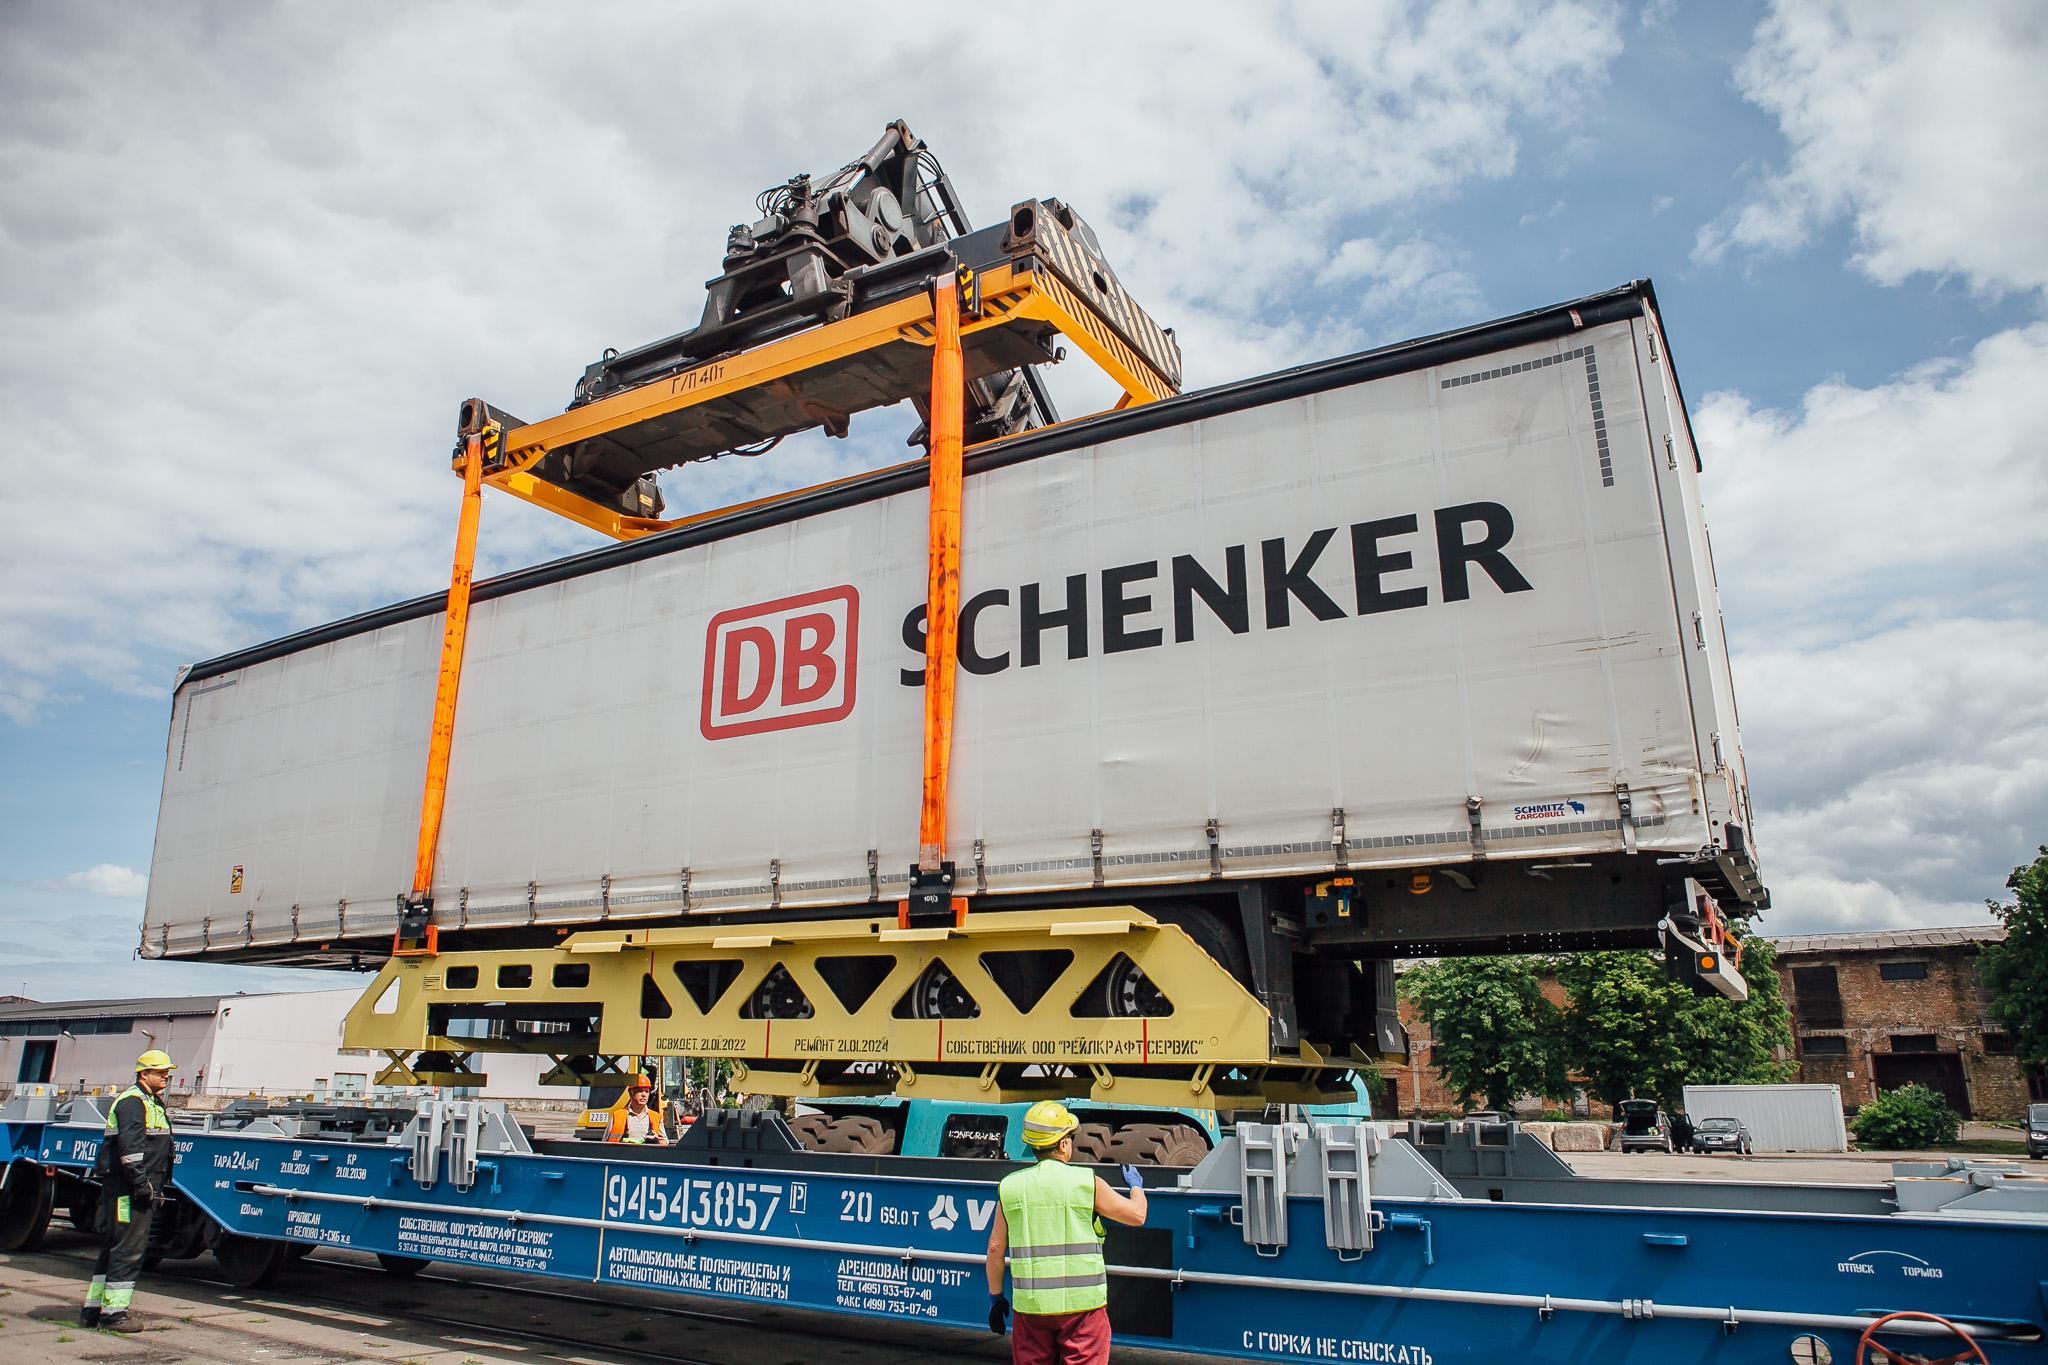 Latvijoje dideli kroviniai bus gabenami ne kelių  transportu, o geležinkeliais